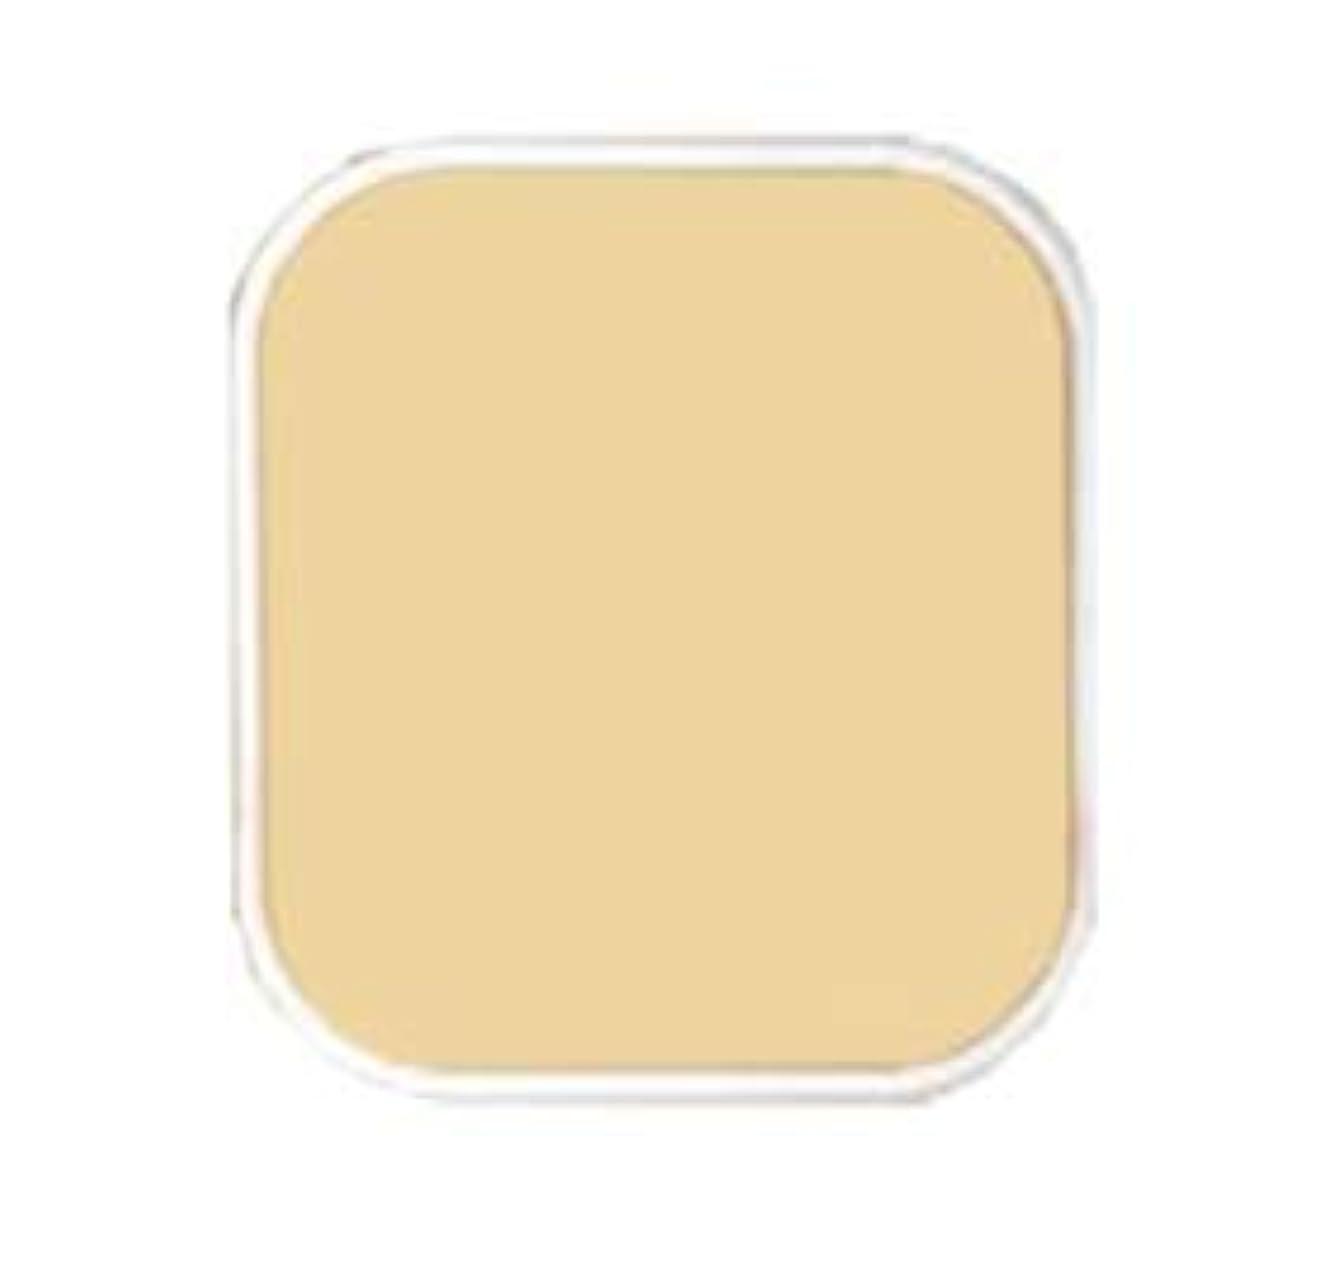 序文ビジョン分割アクセーヌ クリーミィファンデーションPV(リフィル)<O10明るいオークル系>※ケース別売り(11g)